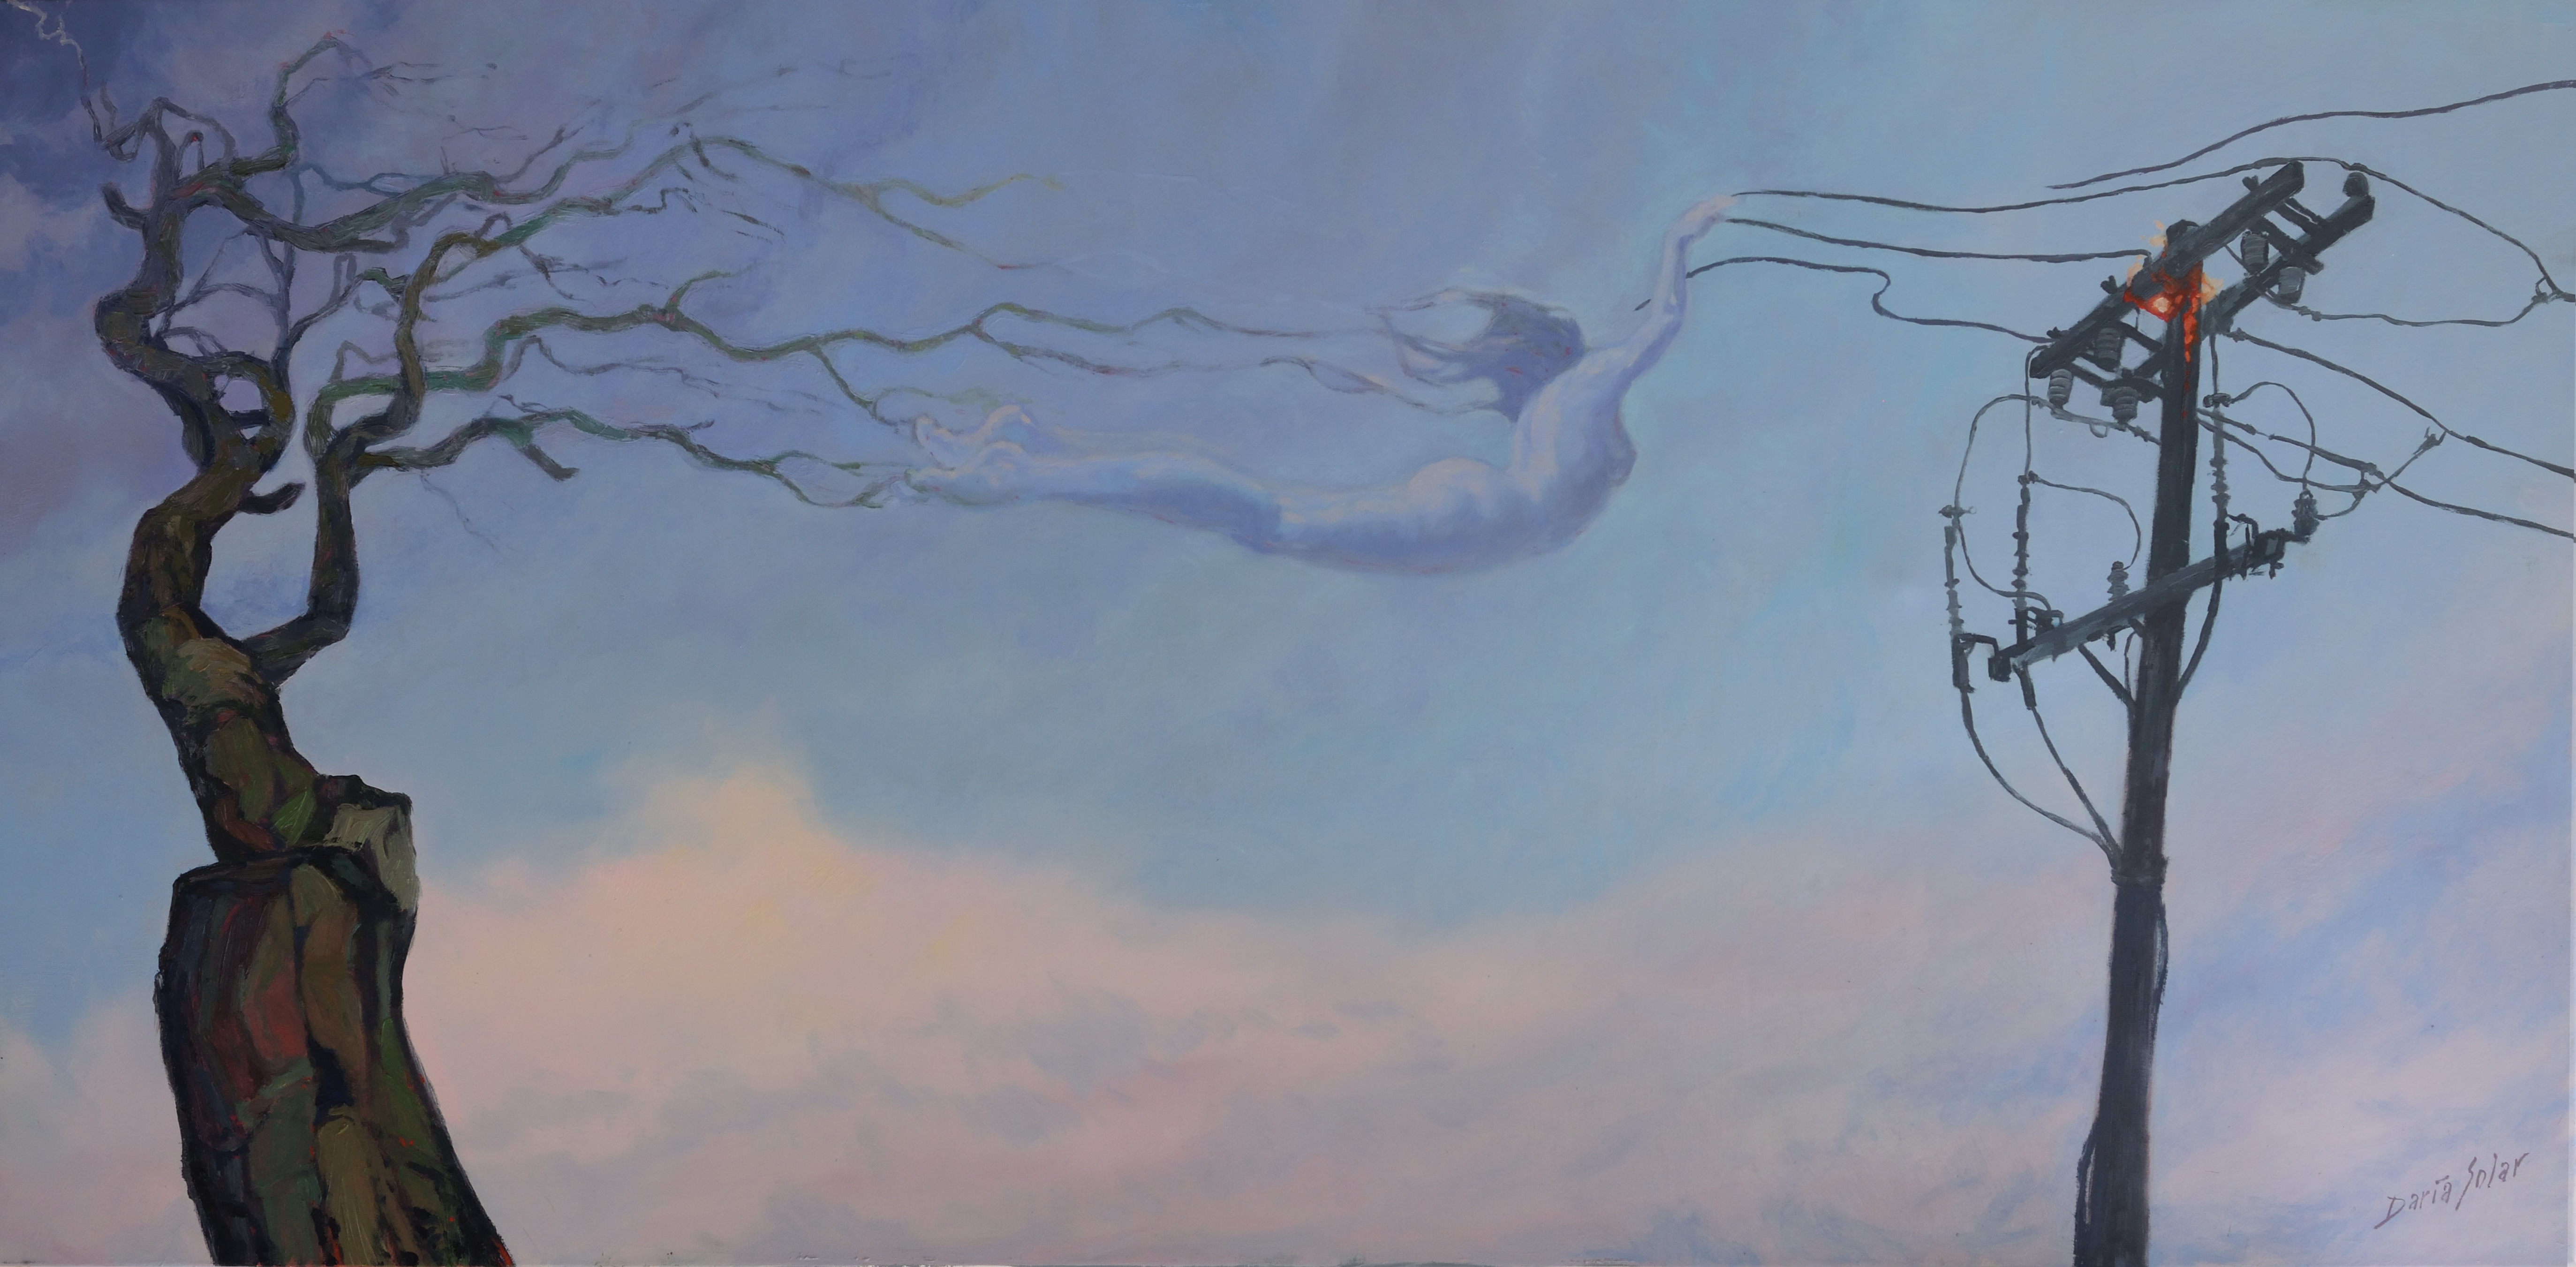 WRATH oil on canvas 60x1210 by Daria Solar